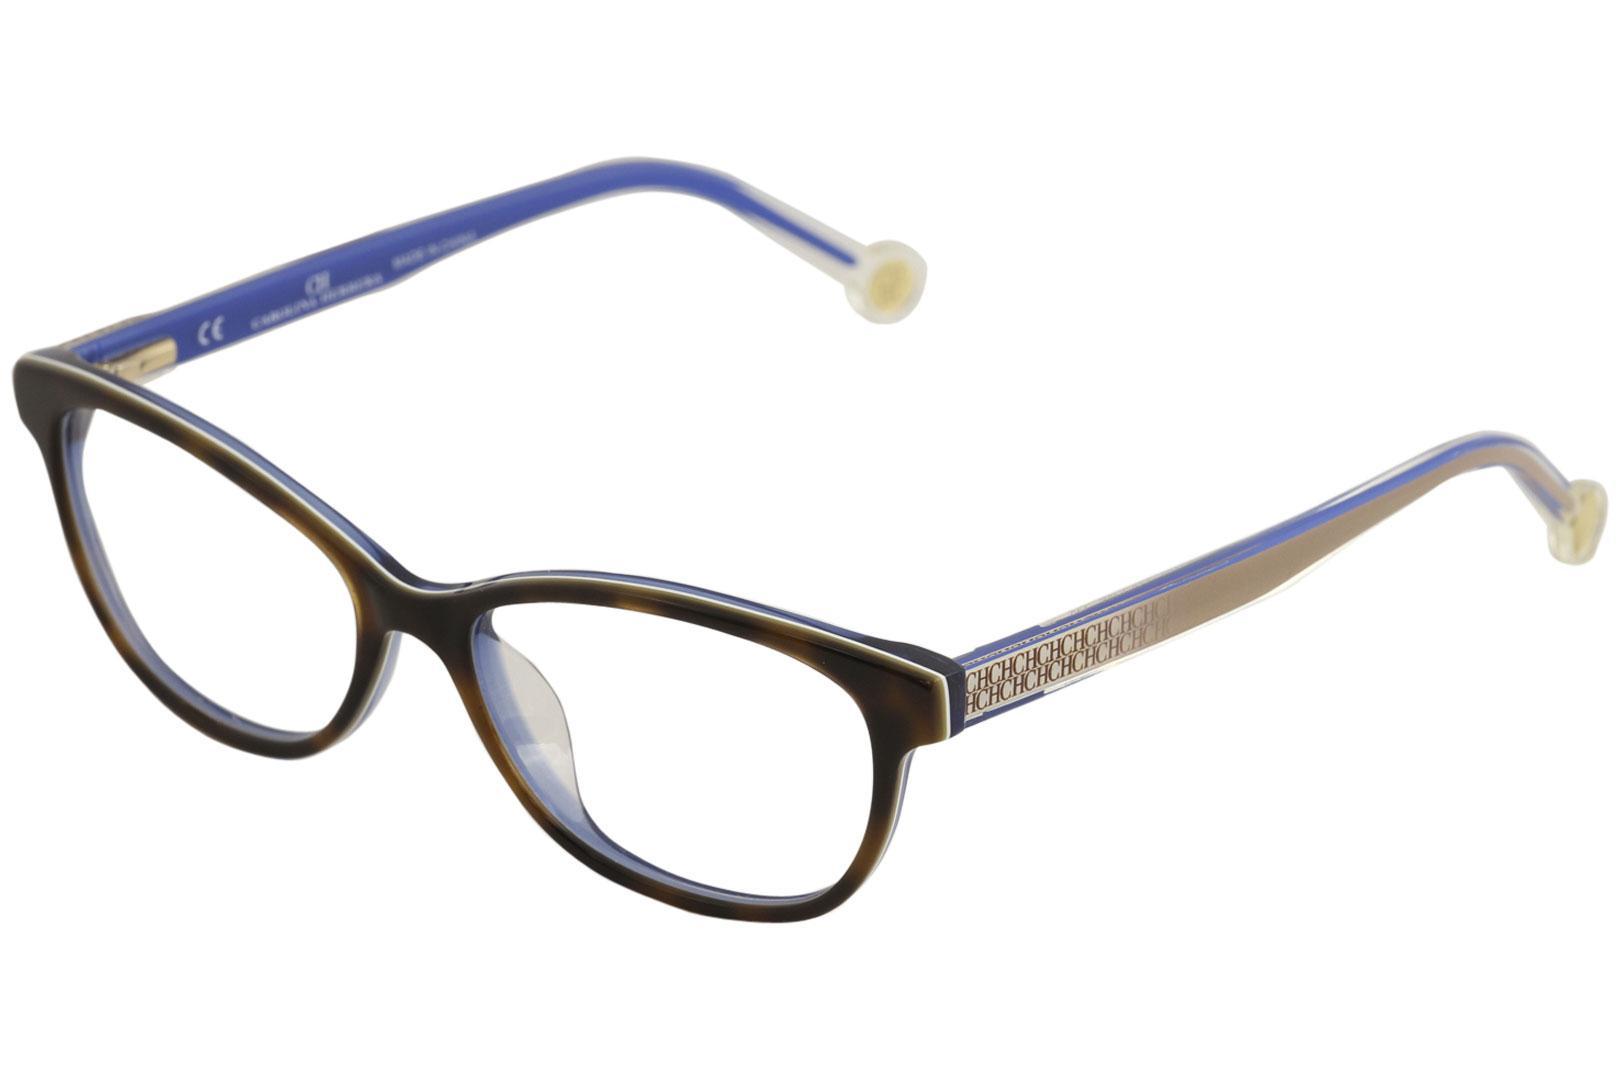 b5ab17b7049 CH Carolina Herrera Women s Eyeglasses VHE726K VHE 726 K Full Rim Optical  Frame